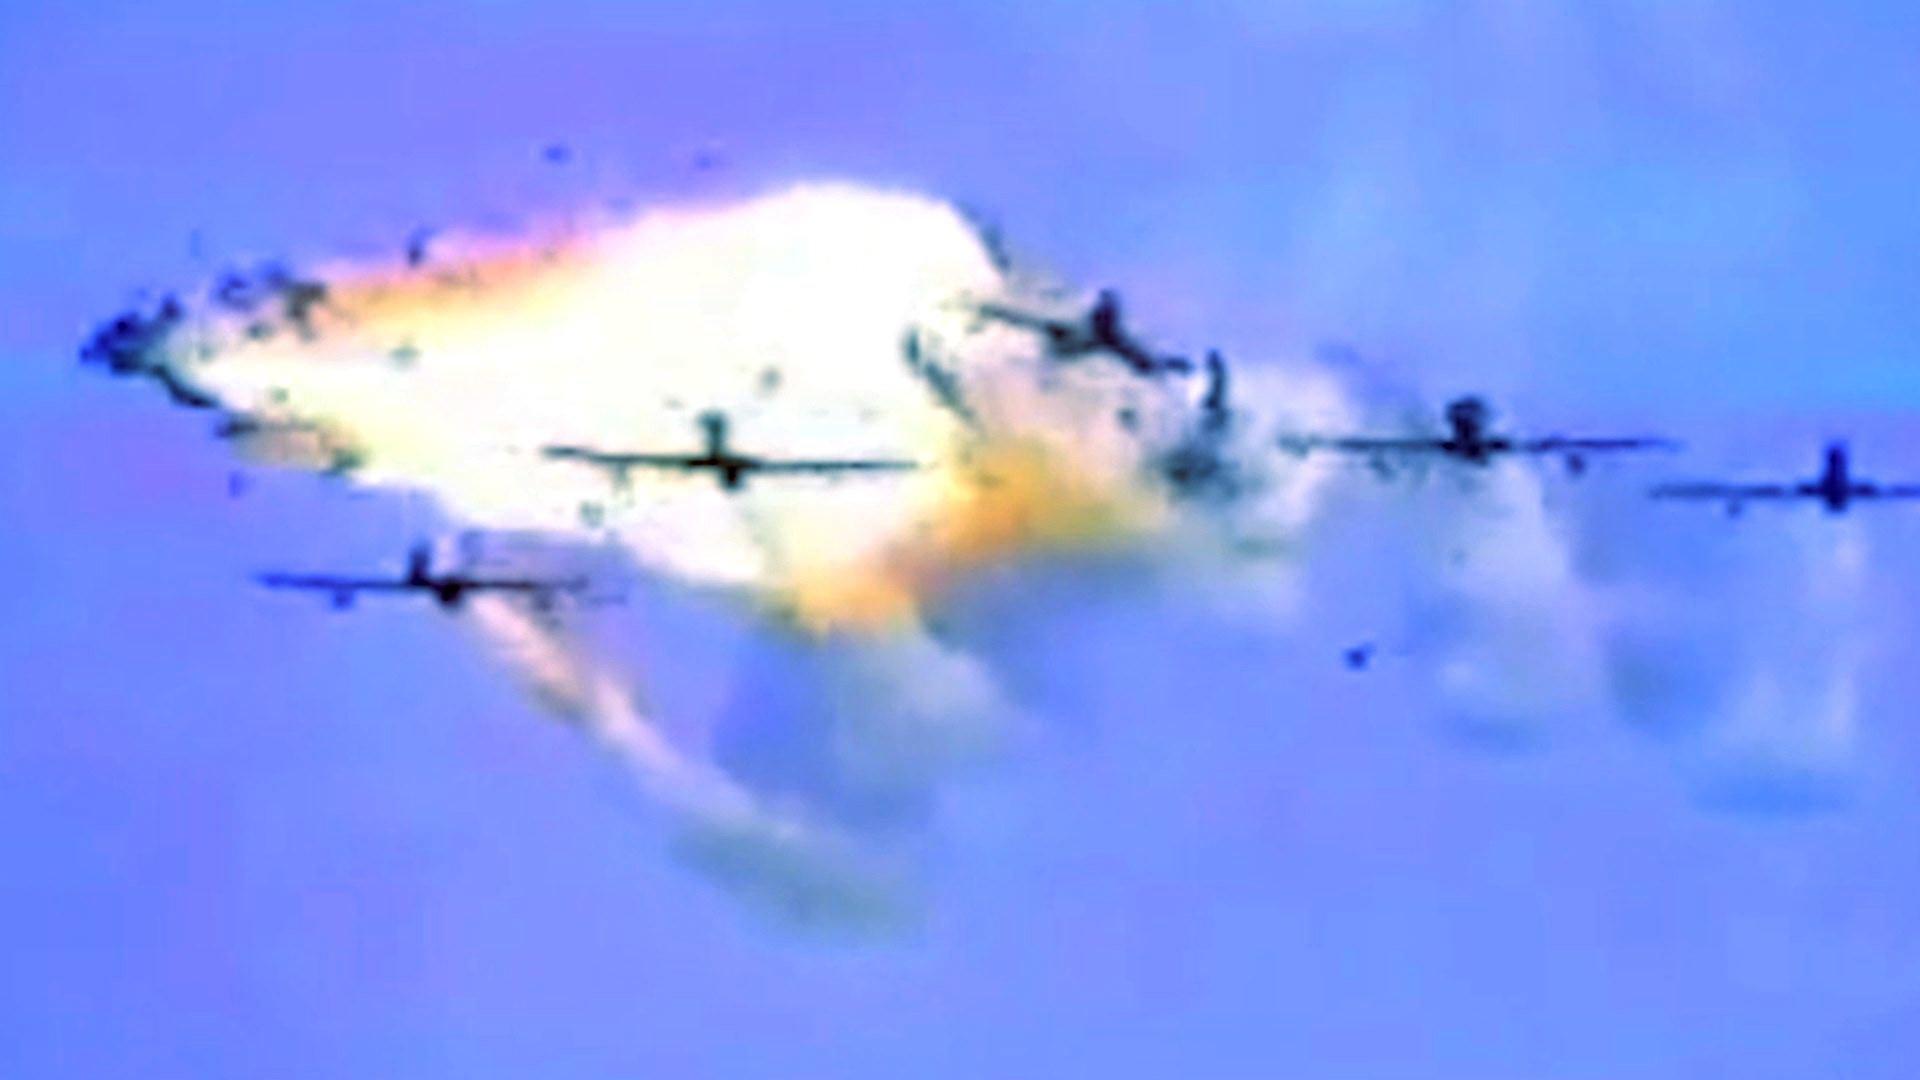 Z letounu Pony 10 se po srážce stává žhavá koule, valící se směrem k obecenstvu.